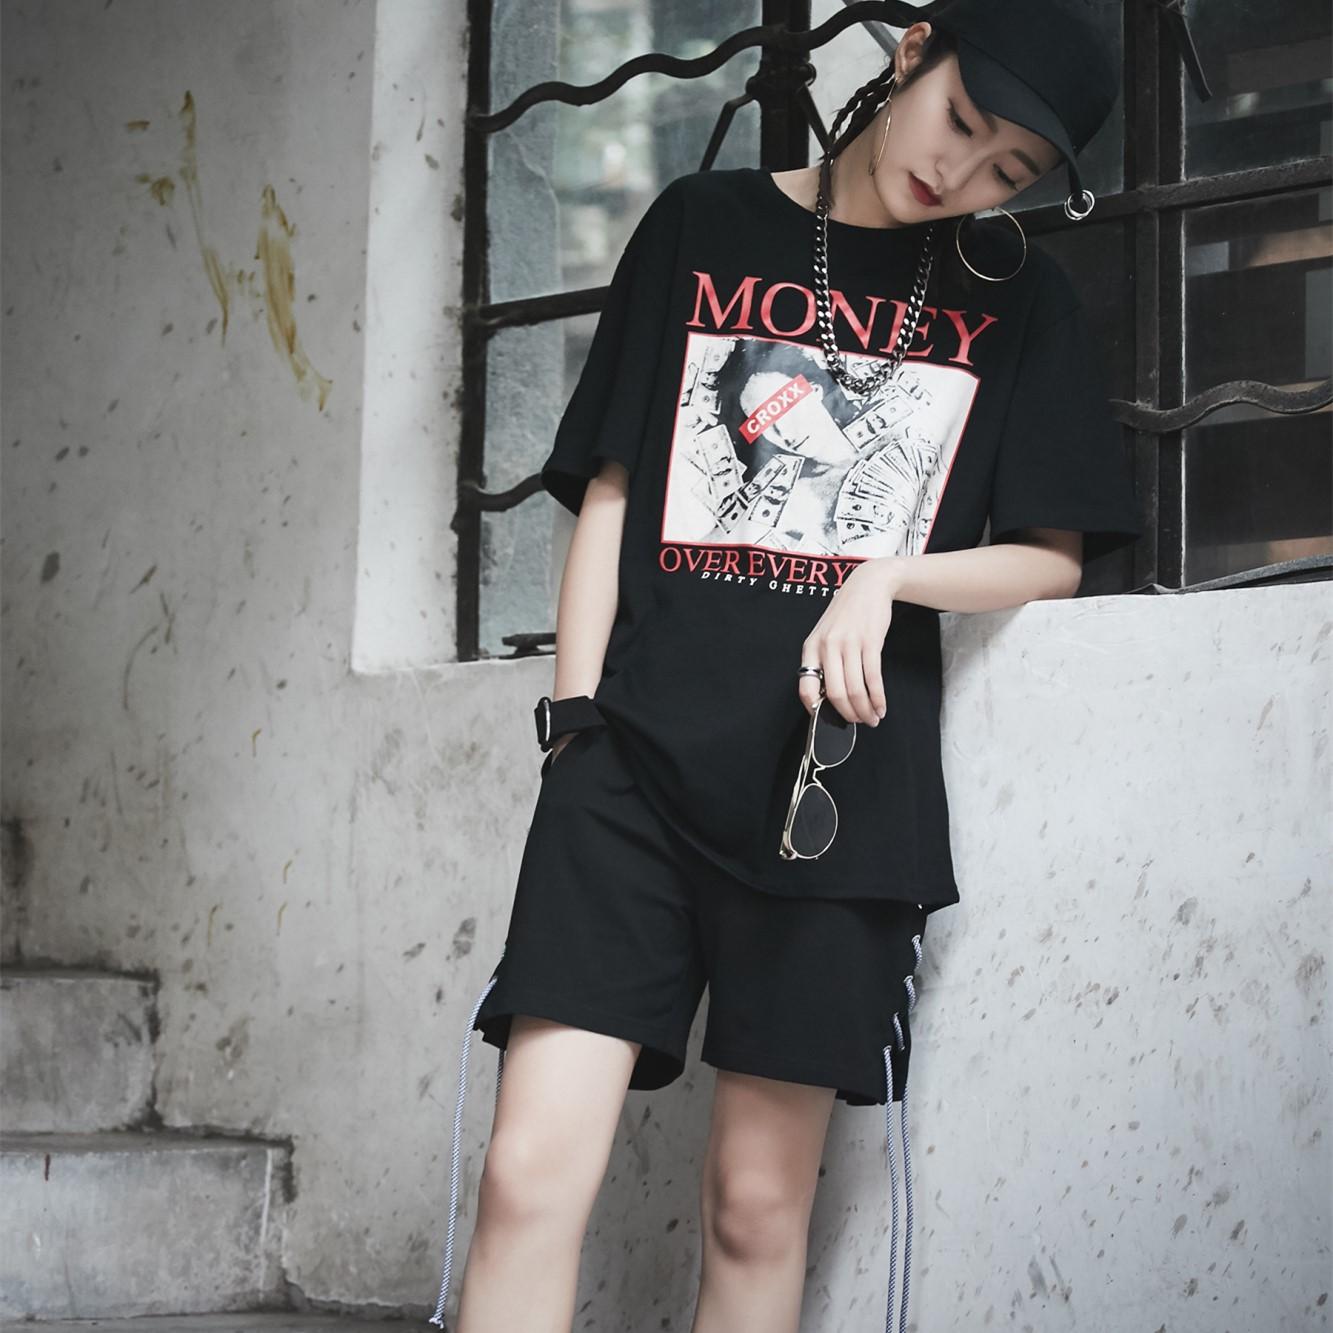 实拍街头潮牌个性侧边绑带设计宽松短裤女 潮人松紧高腰6686现货